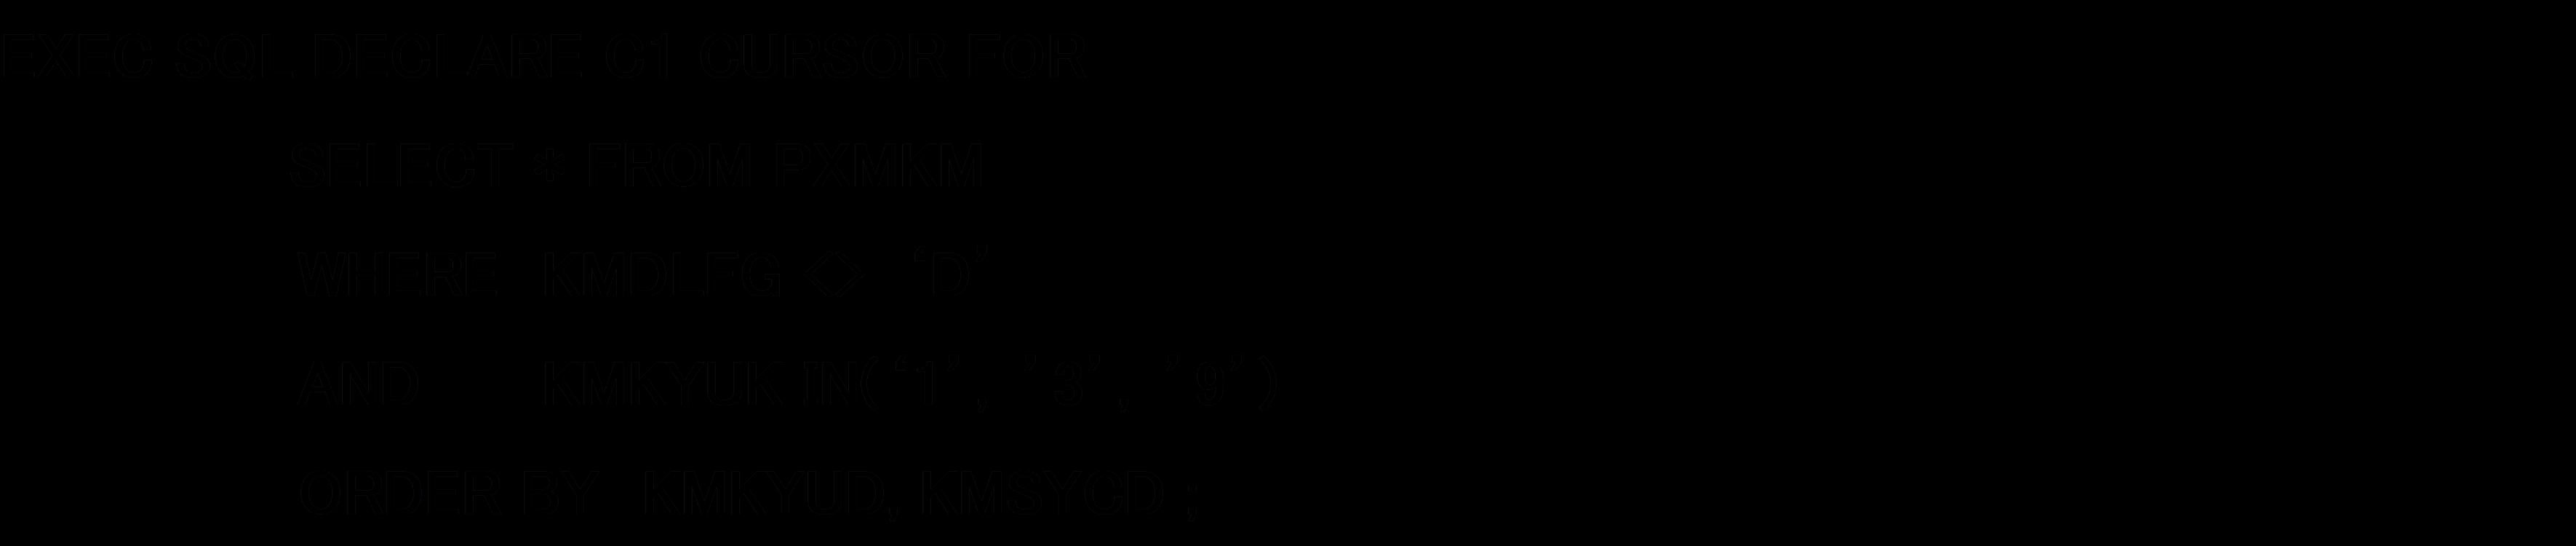 図3の論理ファイルと等価なSQL文